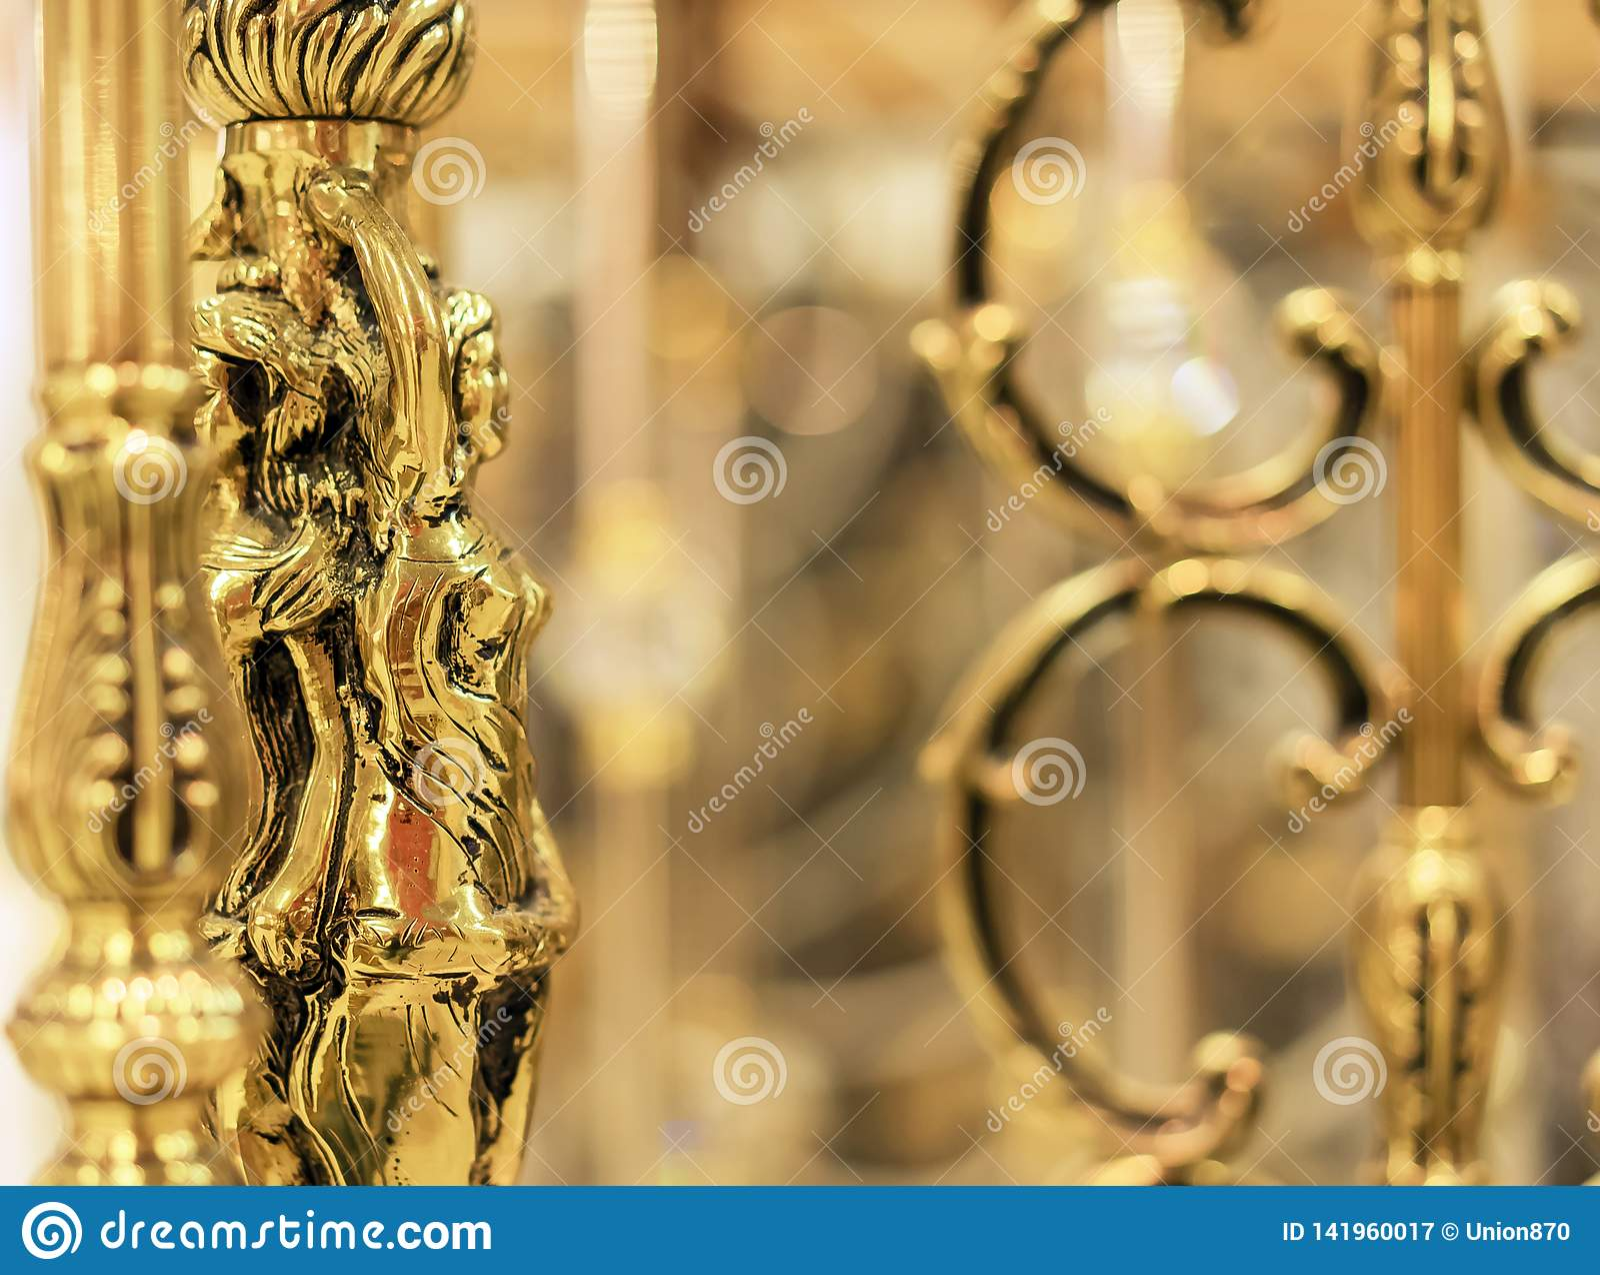 Θηλυκό χρυσό statuette, διακοσμητικό στοιχείο του εσωτερικού